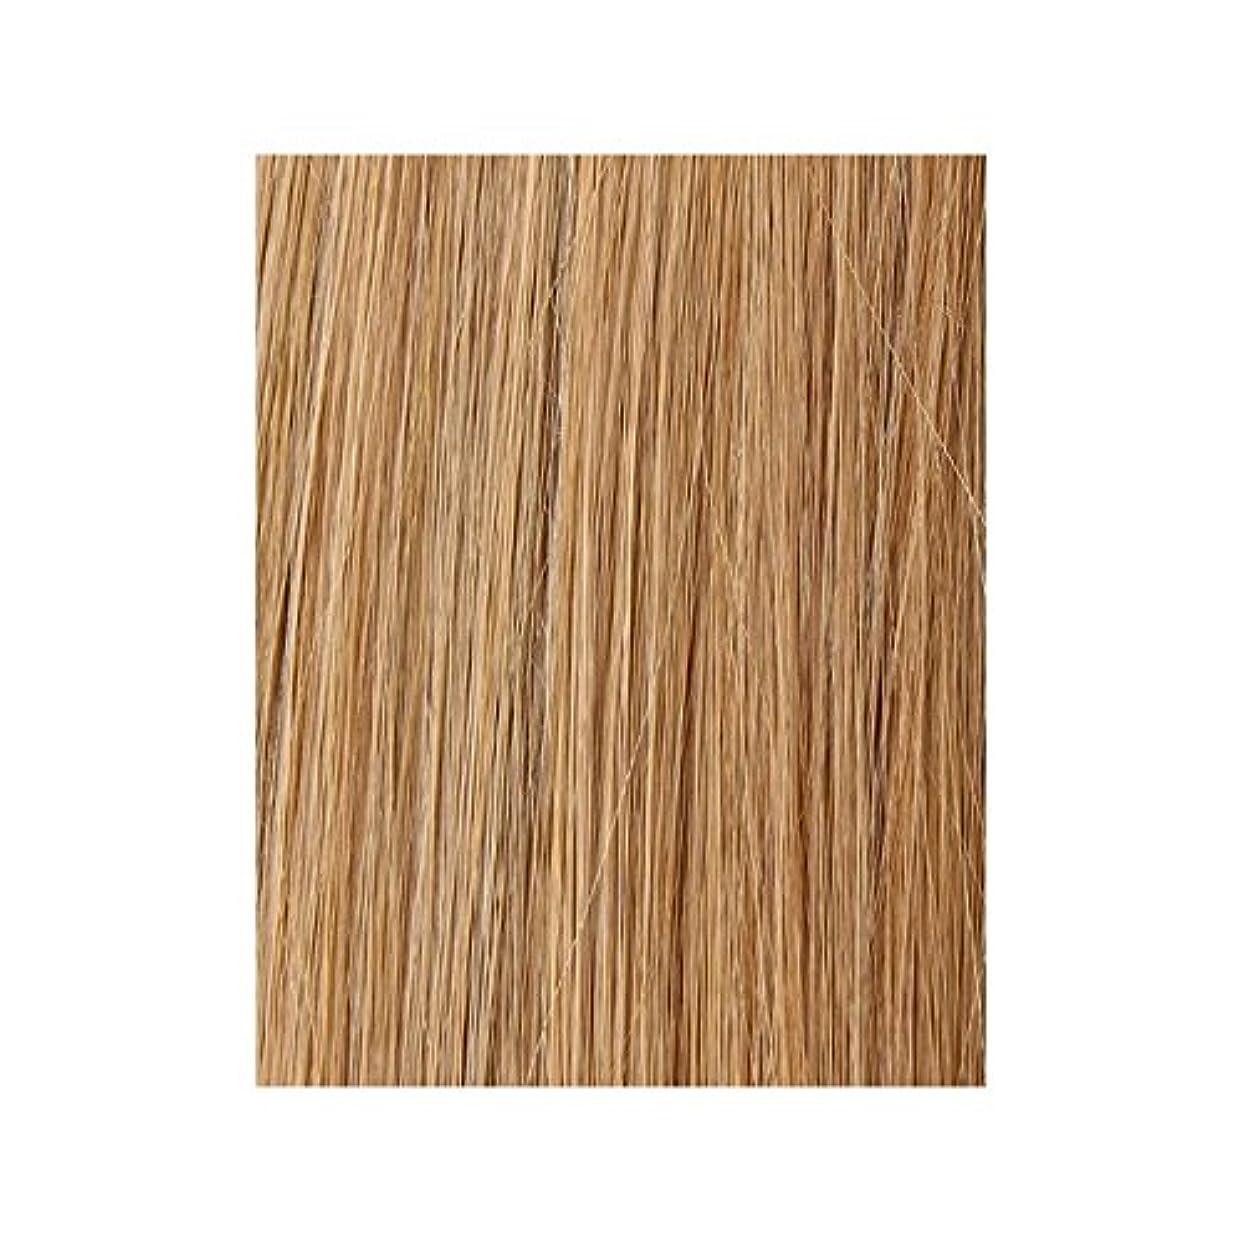 息子転倒ナサニエル区美しさは、100%レミー色見本ヘアエクステンションを作品 - ブロンド日焼けした10/14/16 x2 - Beauty Works 100% Remy Colour Swatch Hair Extension - Tanned Blonde 10/14/16 (Pack of 2) [並行輸入品]